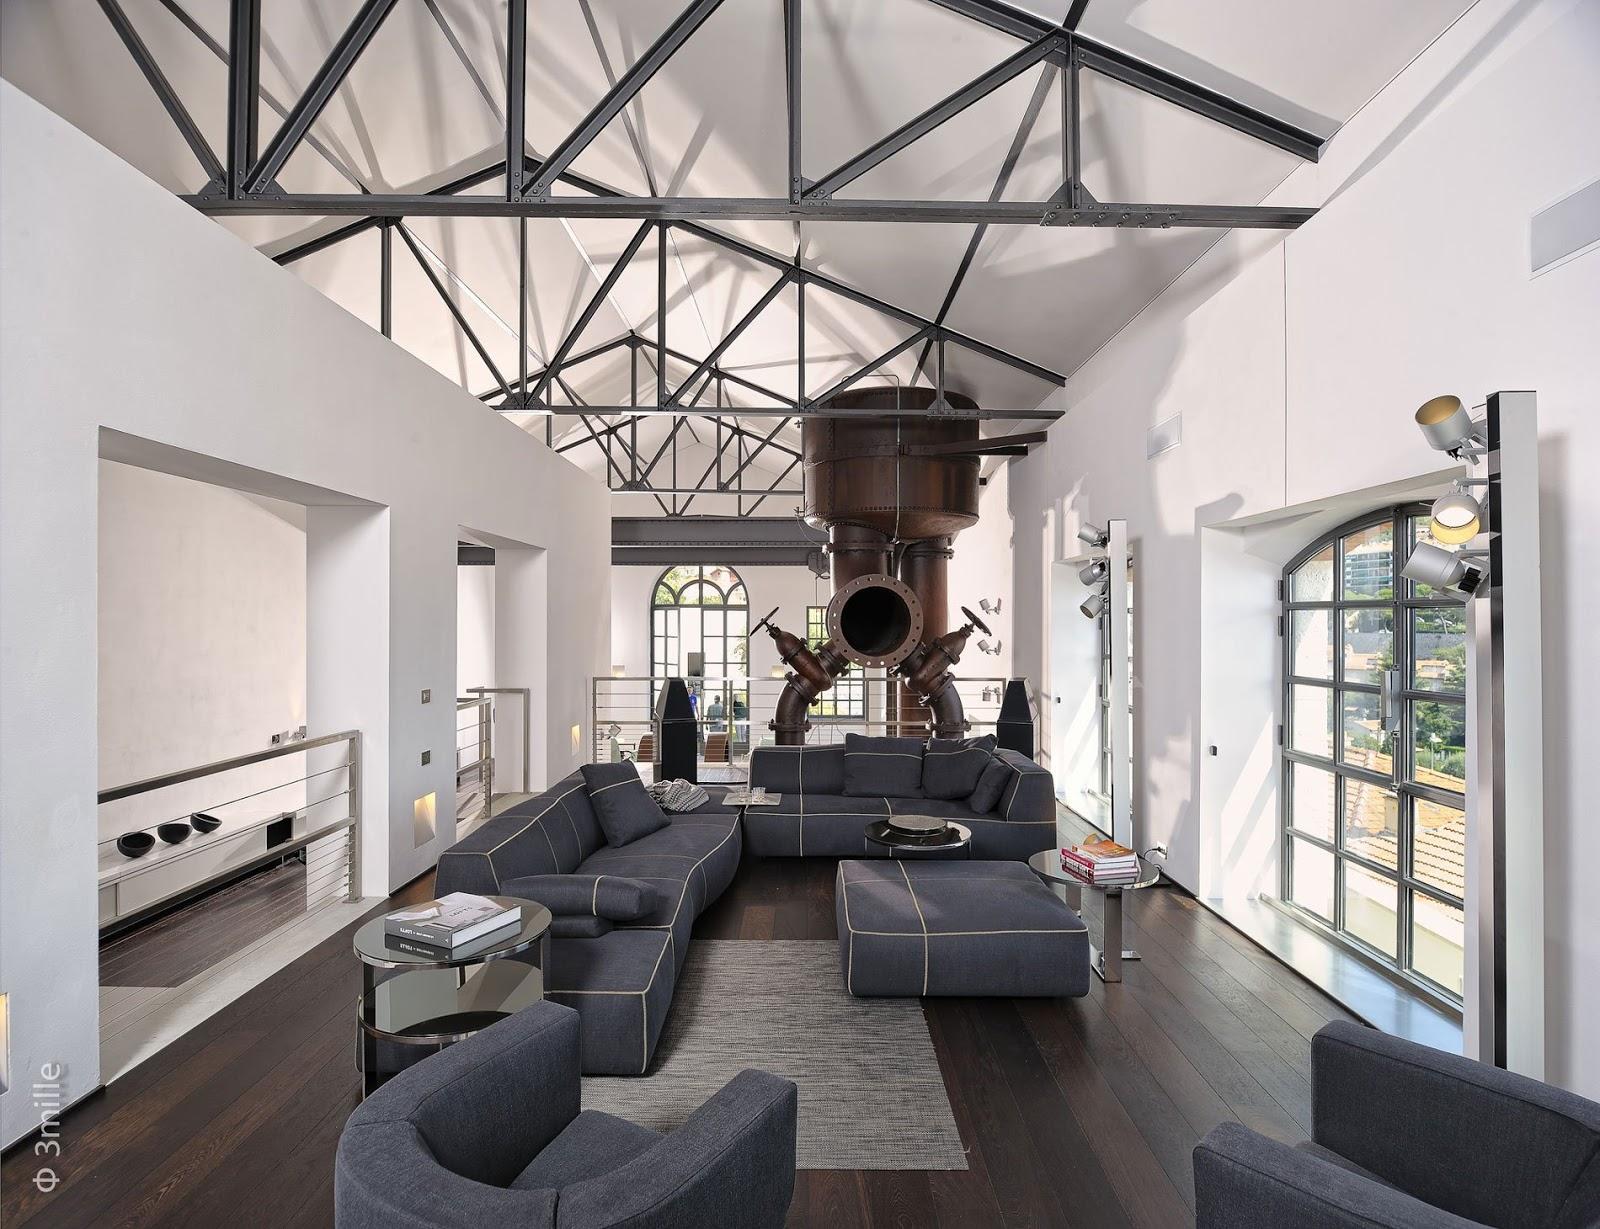 Wohnzimmer ideen holz – sehremini